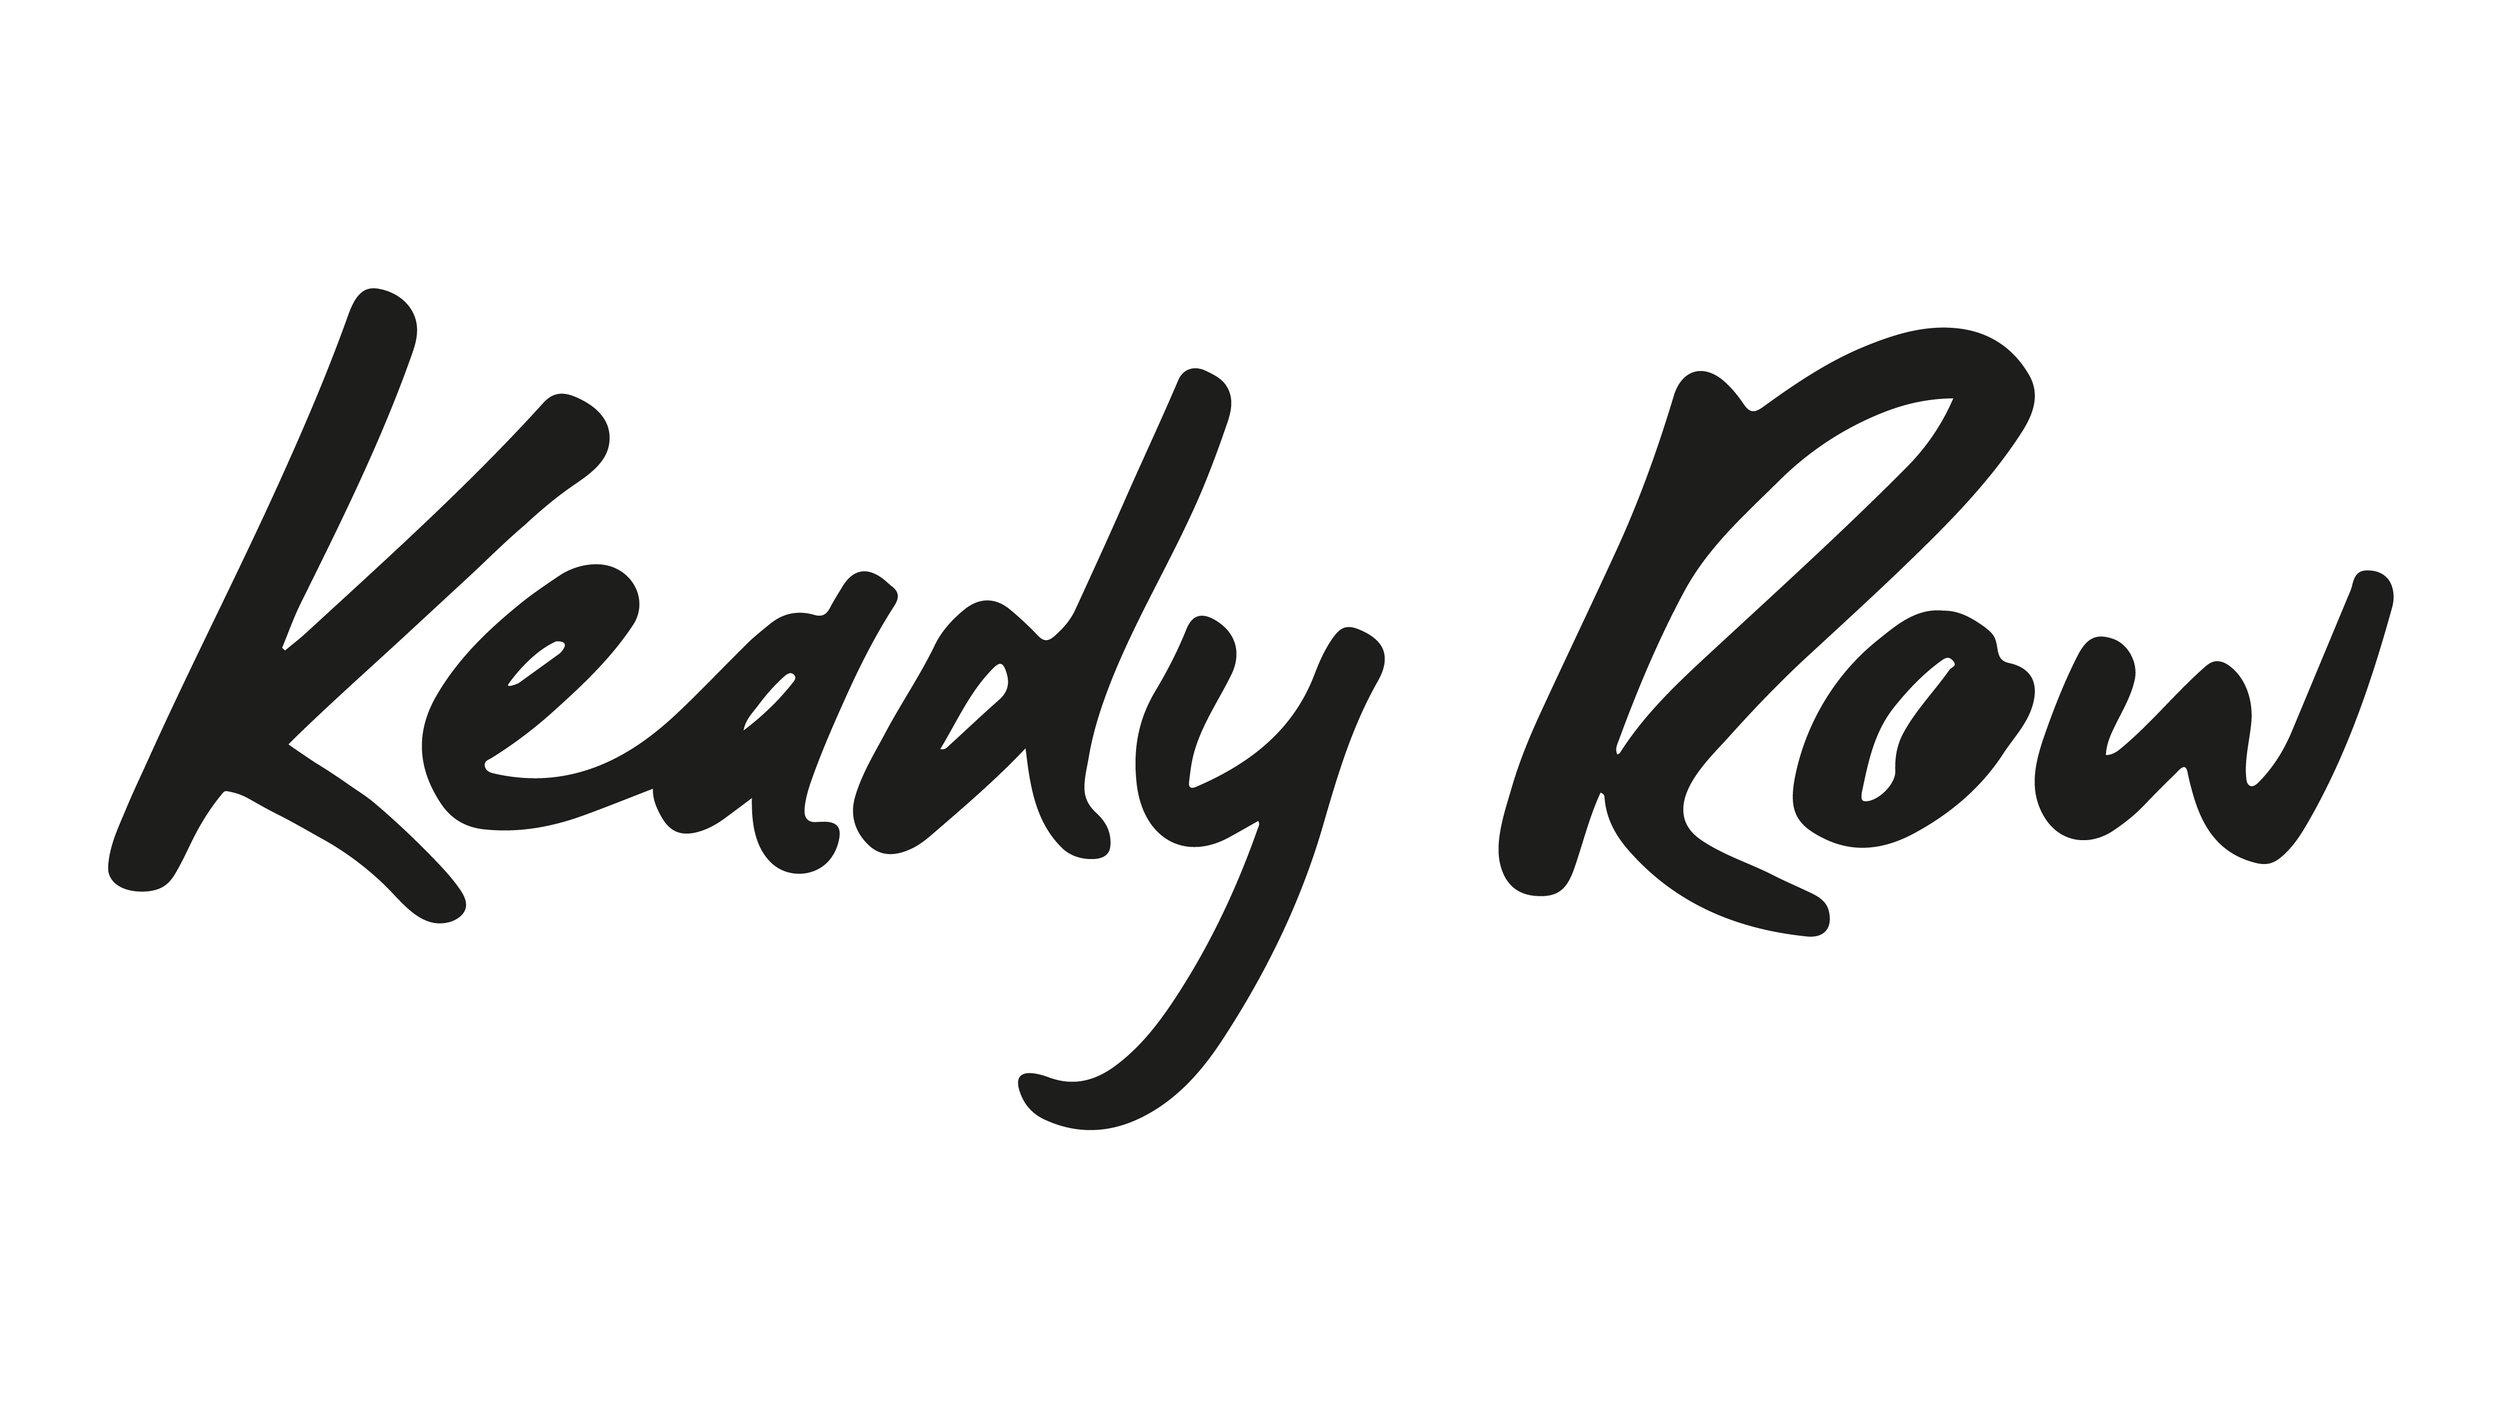 keady-row-stationery.jpg